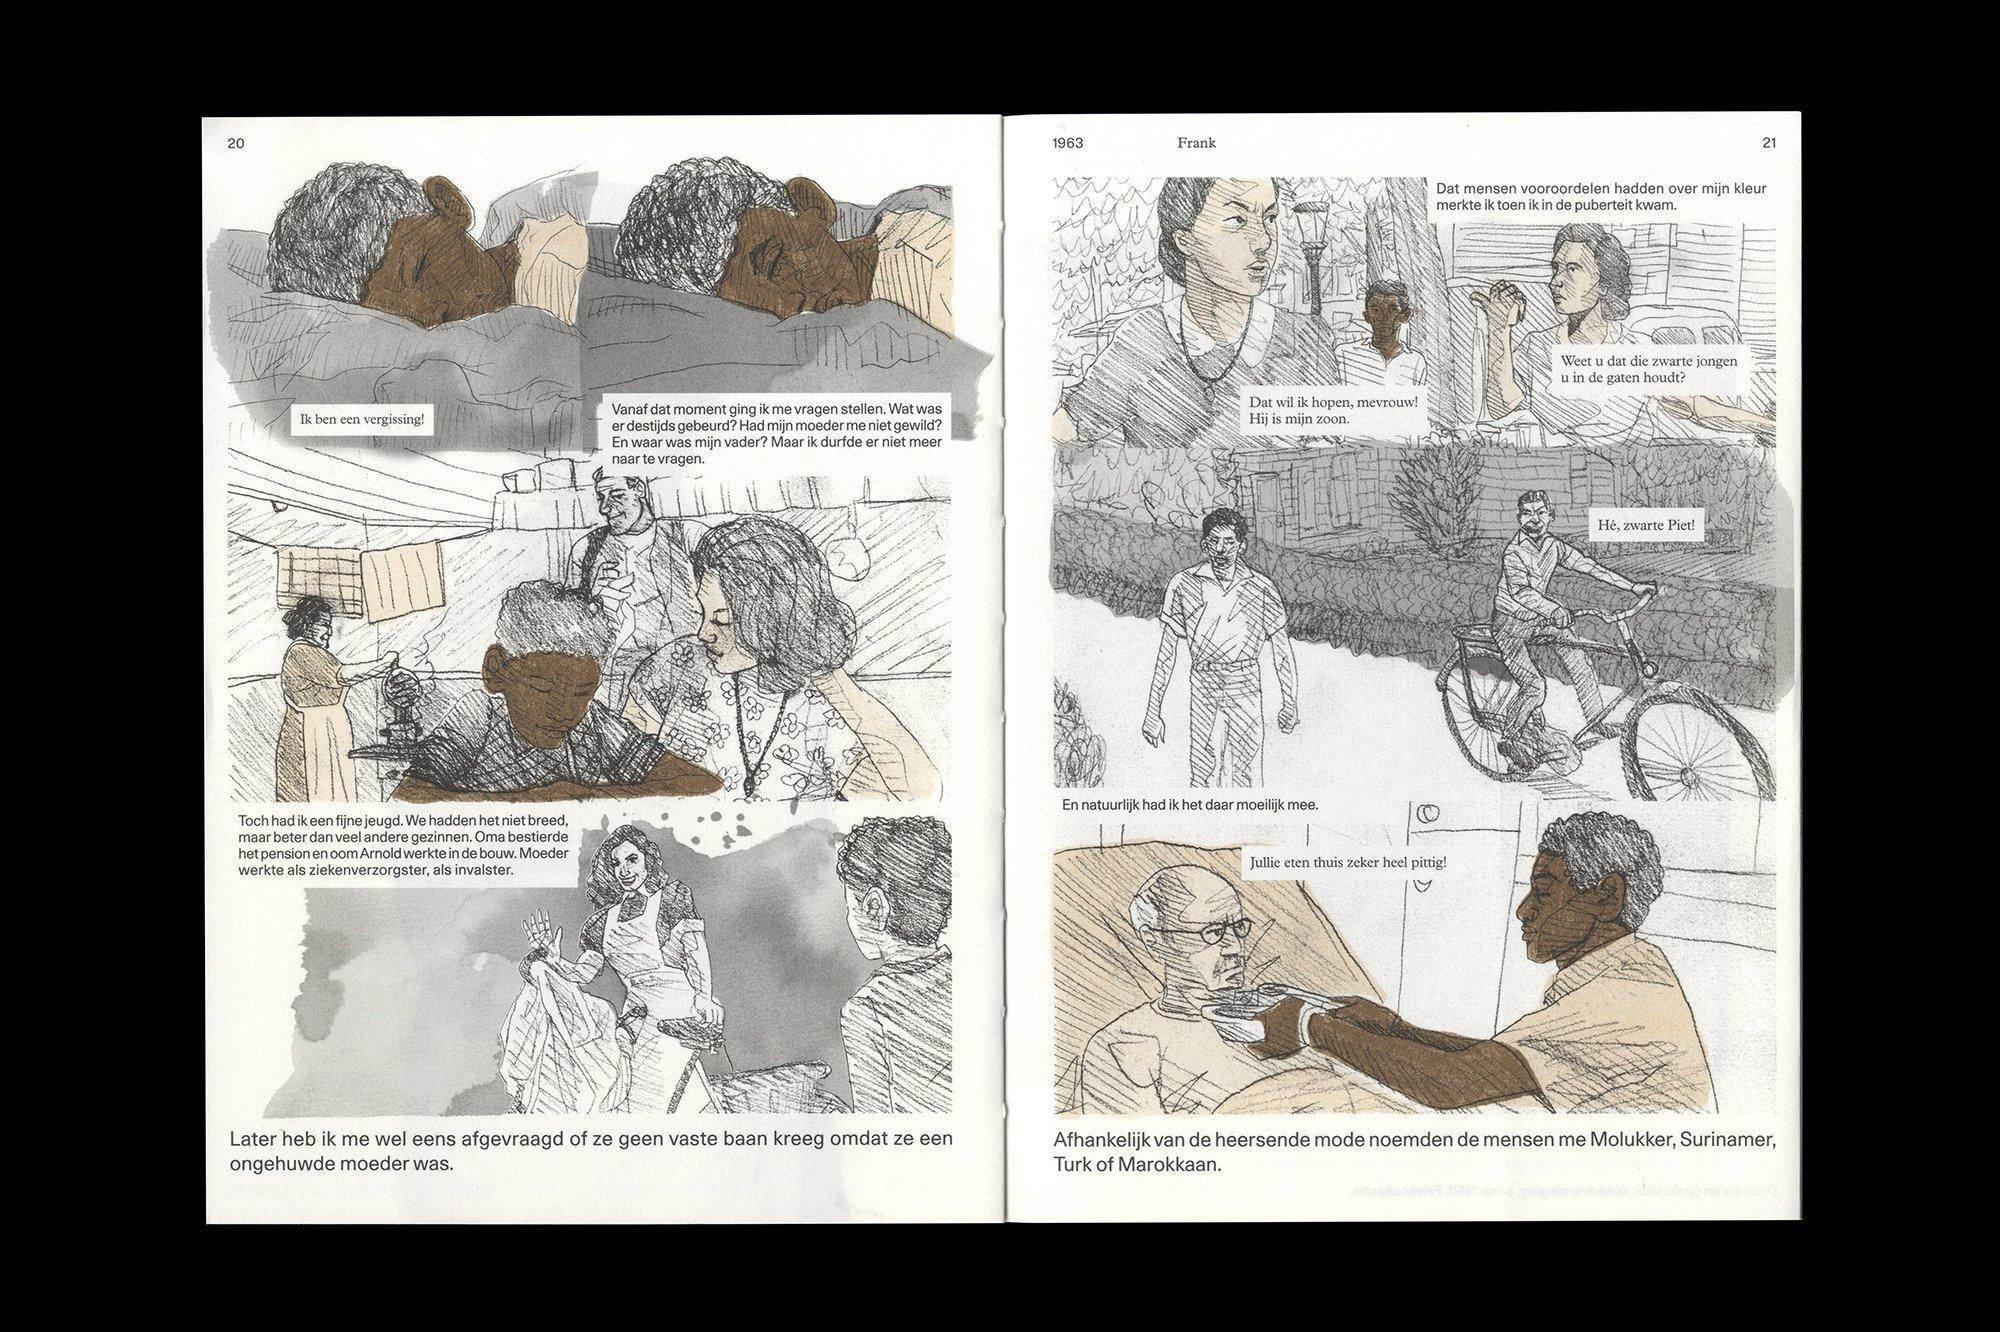 Een spread uit Franklin. Een Nederlands bevrijdingsverhaal, ontwerp door Lyanne Tonk. De Monsterkamer Interview